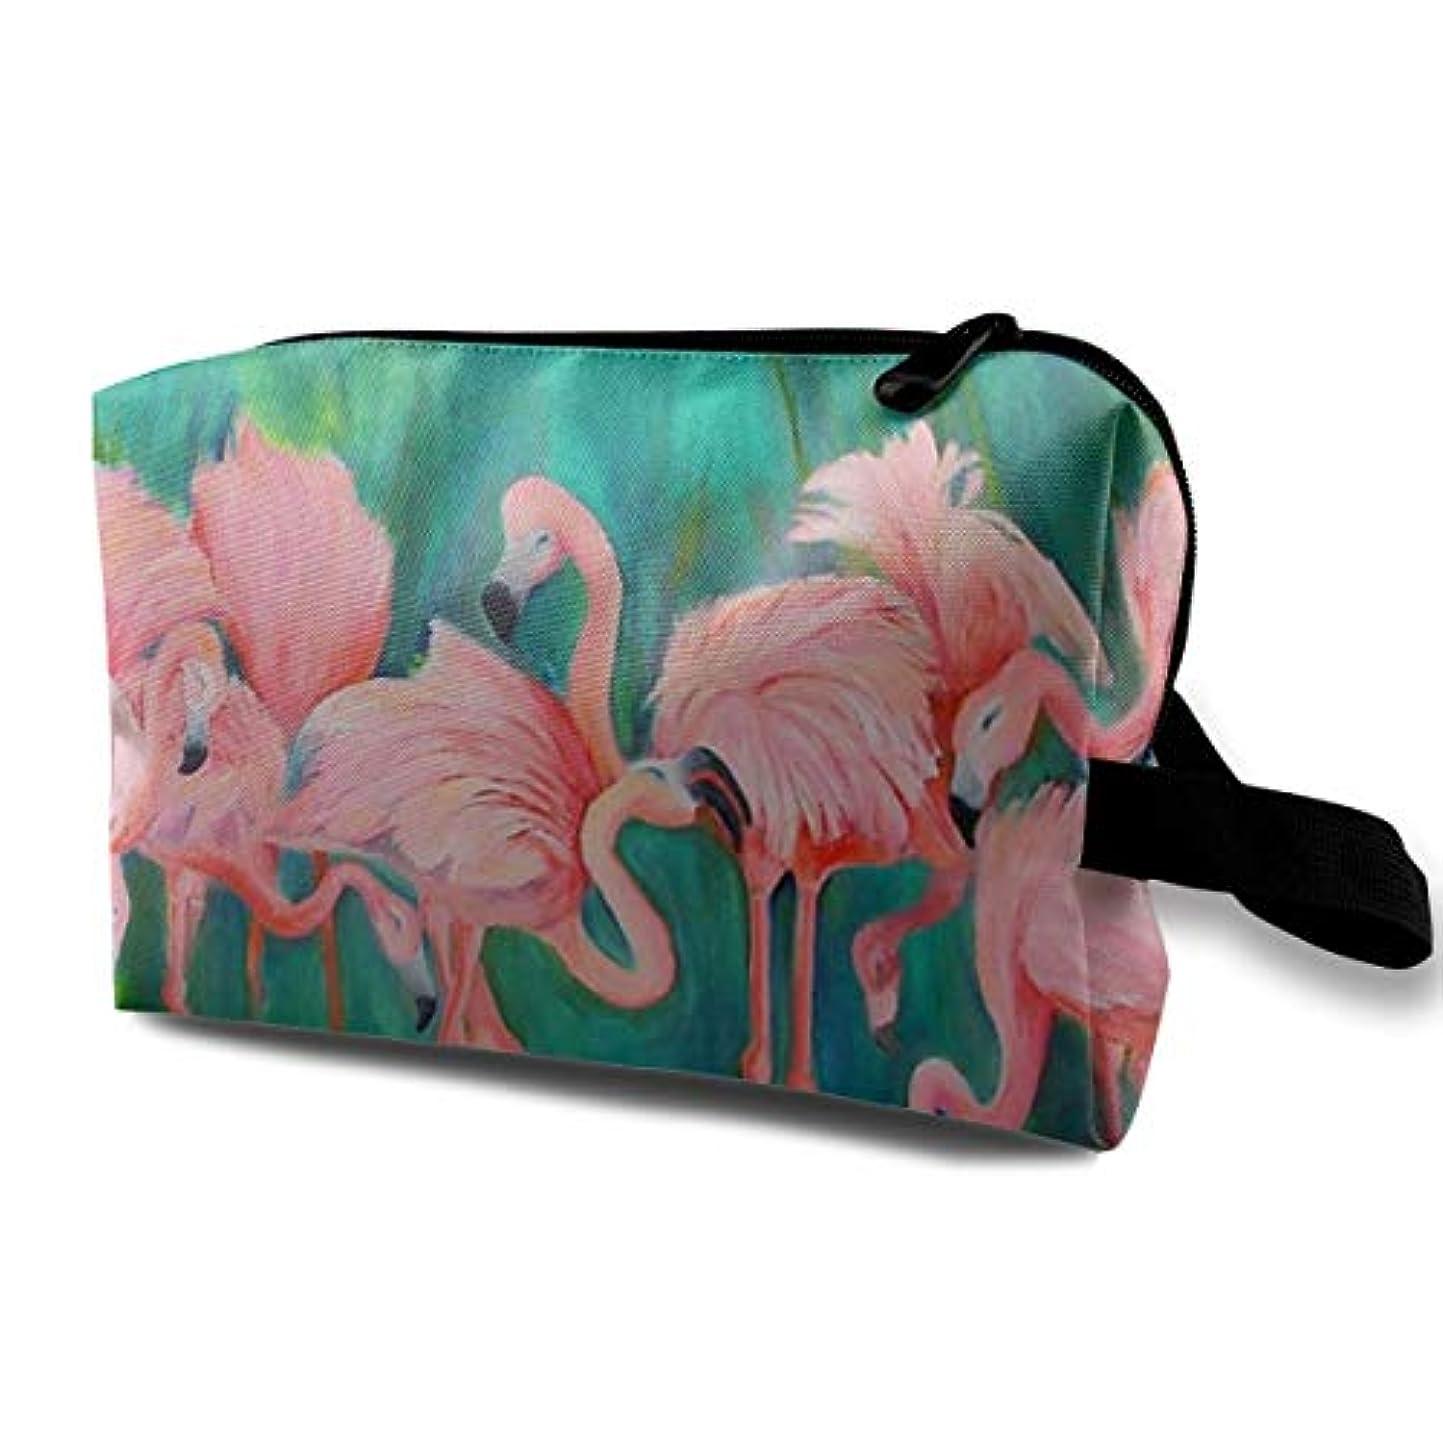 強大なスクラップブック去るLove Heart Flamingos 収納ポーチ 化粧ポーチ 大容量 軽量 耐久性 ハンドル付持ち運び便利。入れ 自宅?出張?旅行?アウトドア撮影などに対応。メンズ レディース トラベルグッズ